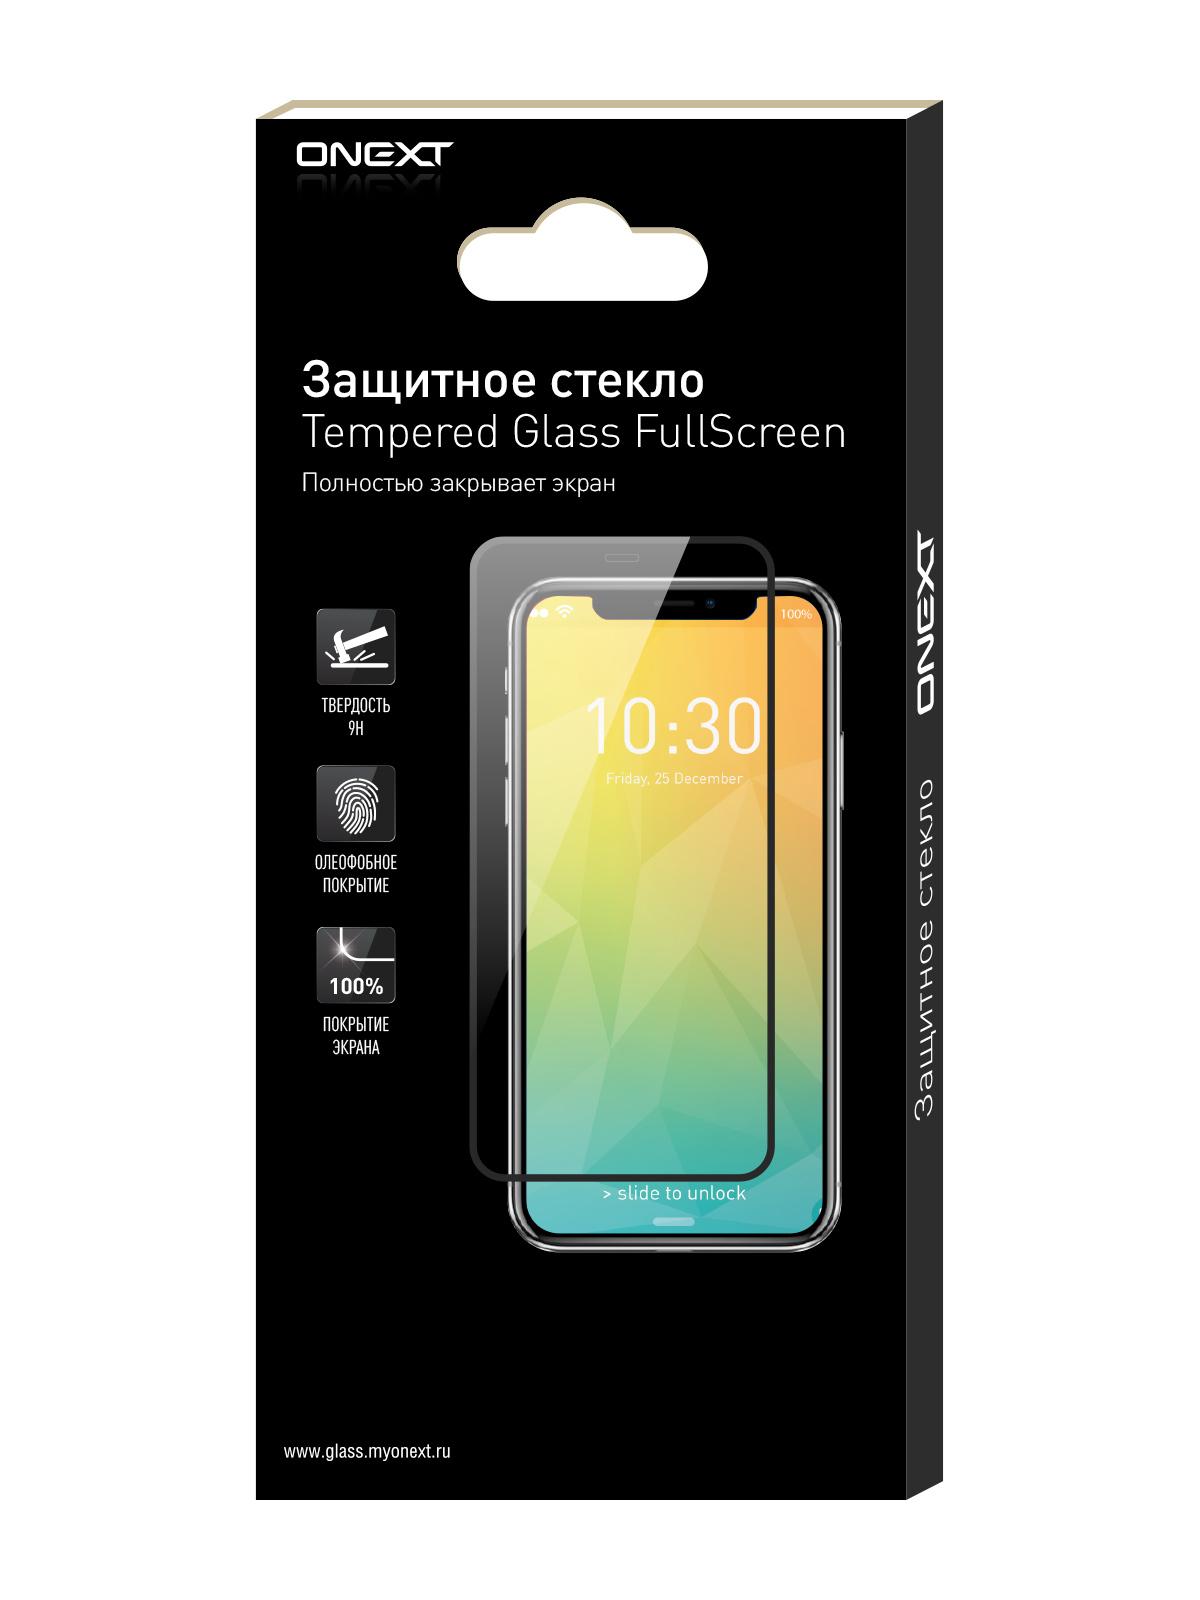 Защитное стекло ONEXT для Samsung Galaxy J7 (2017) Gold